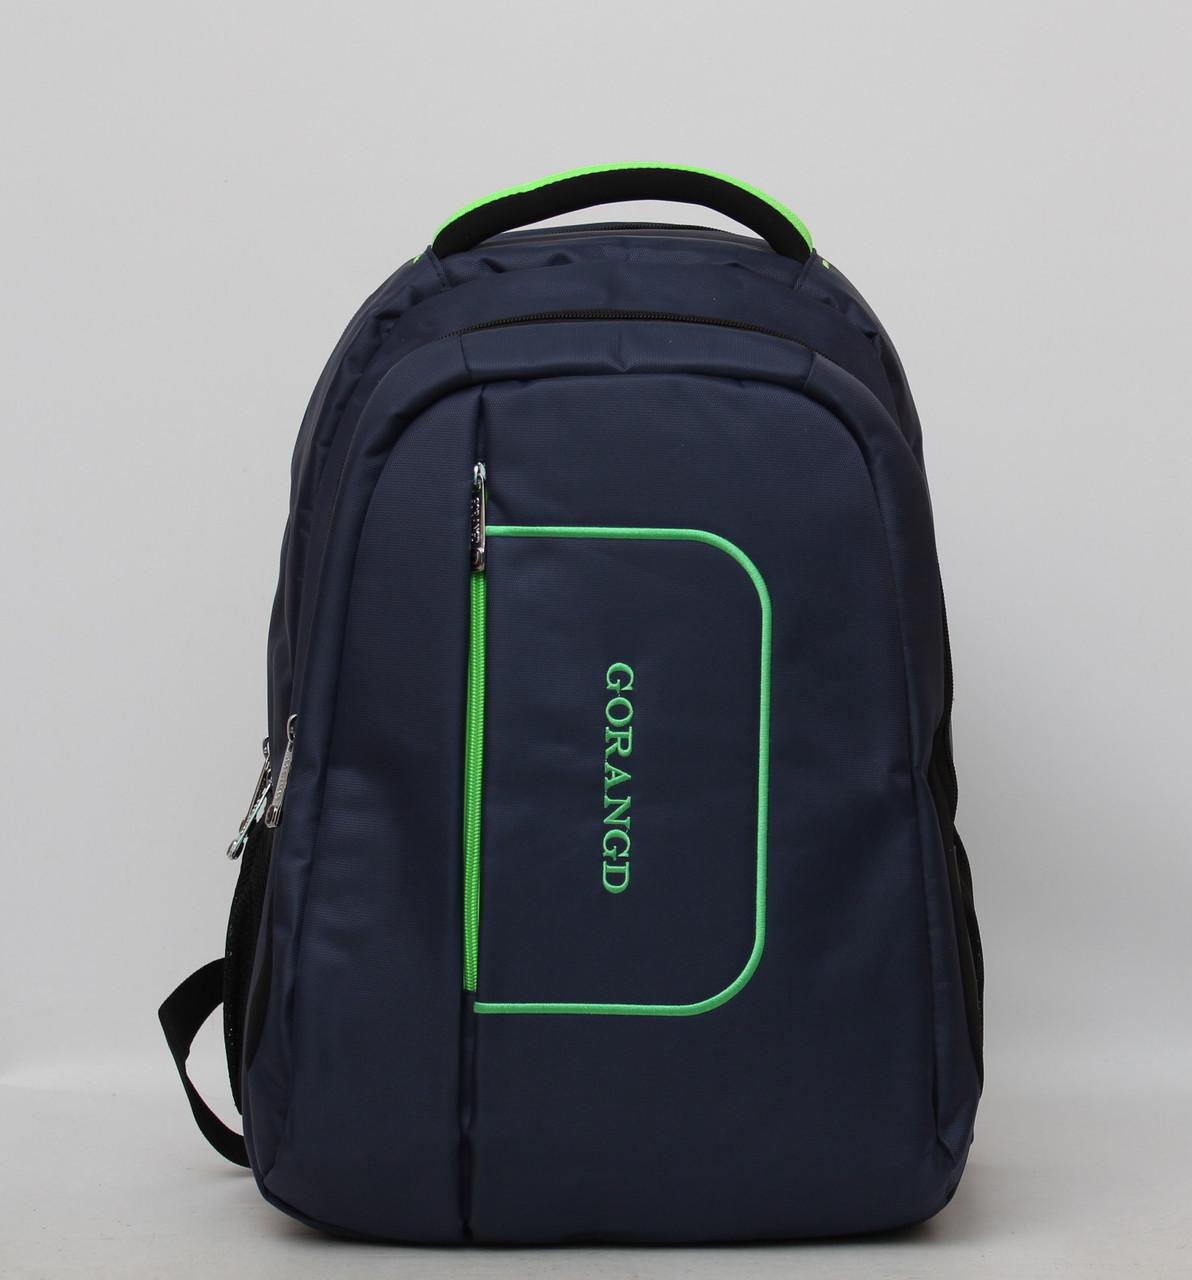 9890c1d87560 Шкільний рюкзак для підлітка (великий розмір) / Школьный рюкзак для  подростка с отделом для